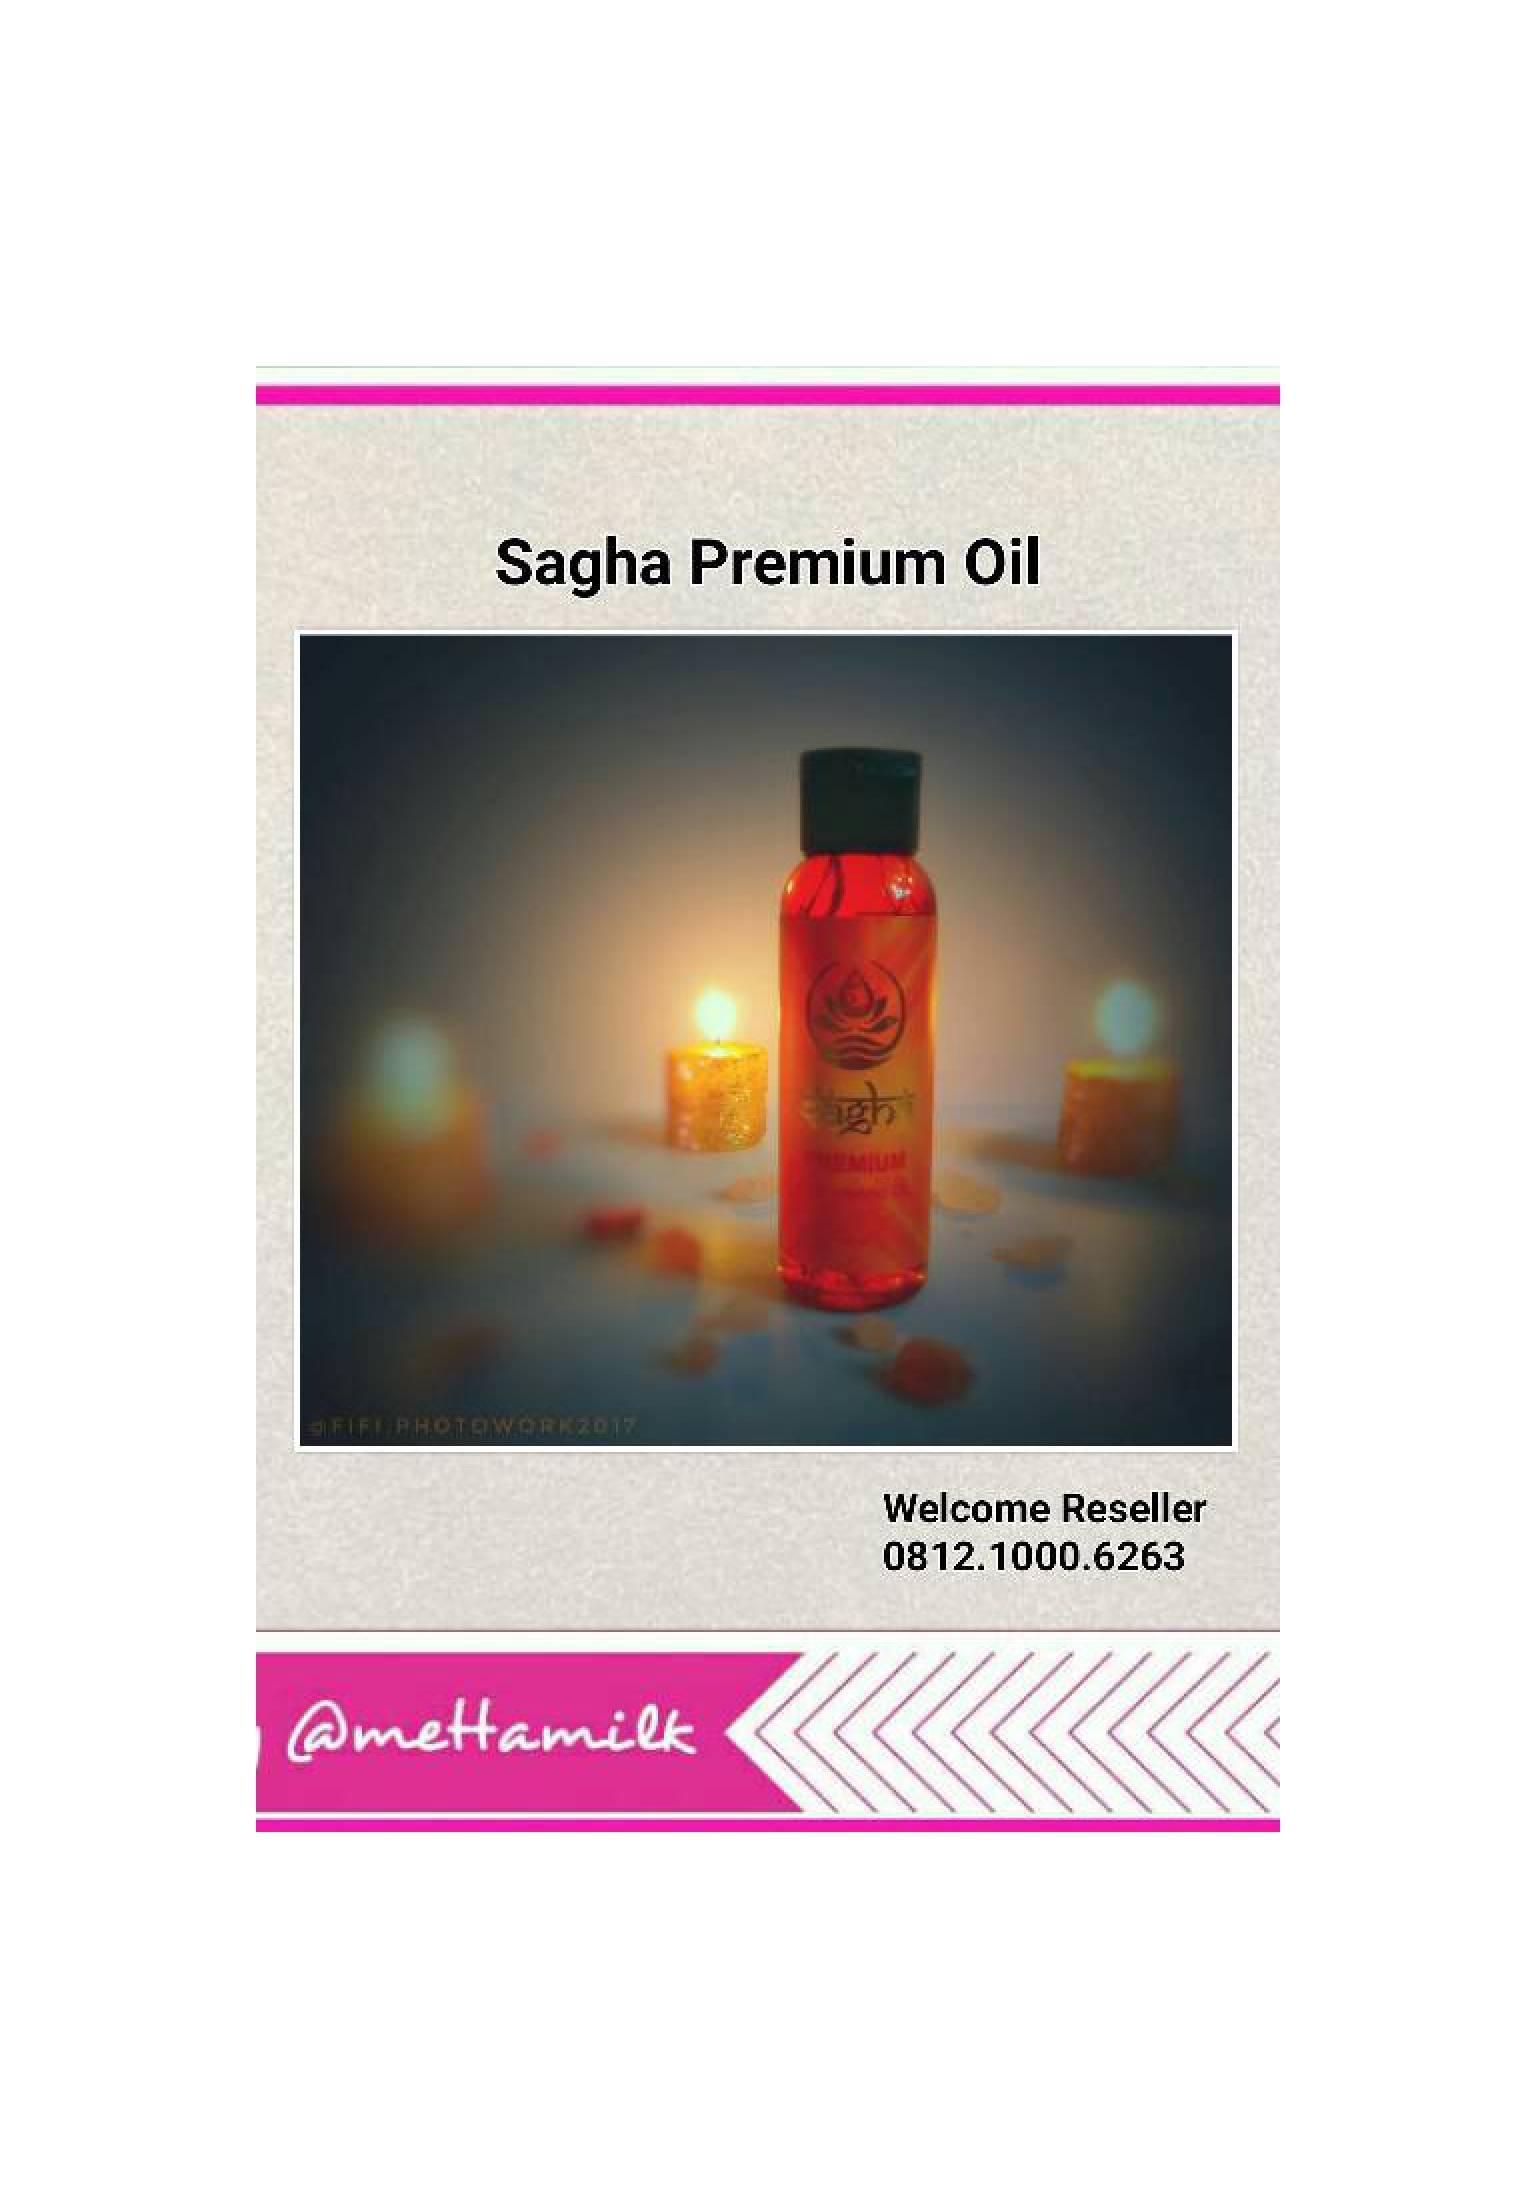 Sagha Premium Oil Berhadiah Spec Dan Daftar Harga Terbaru Indonesia Ultimate Original Apos Avaloka